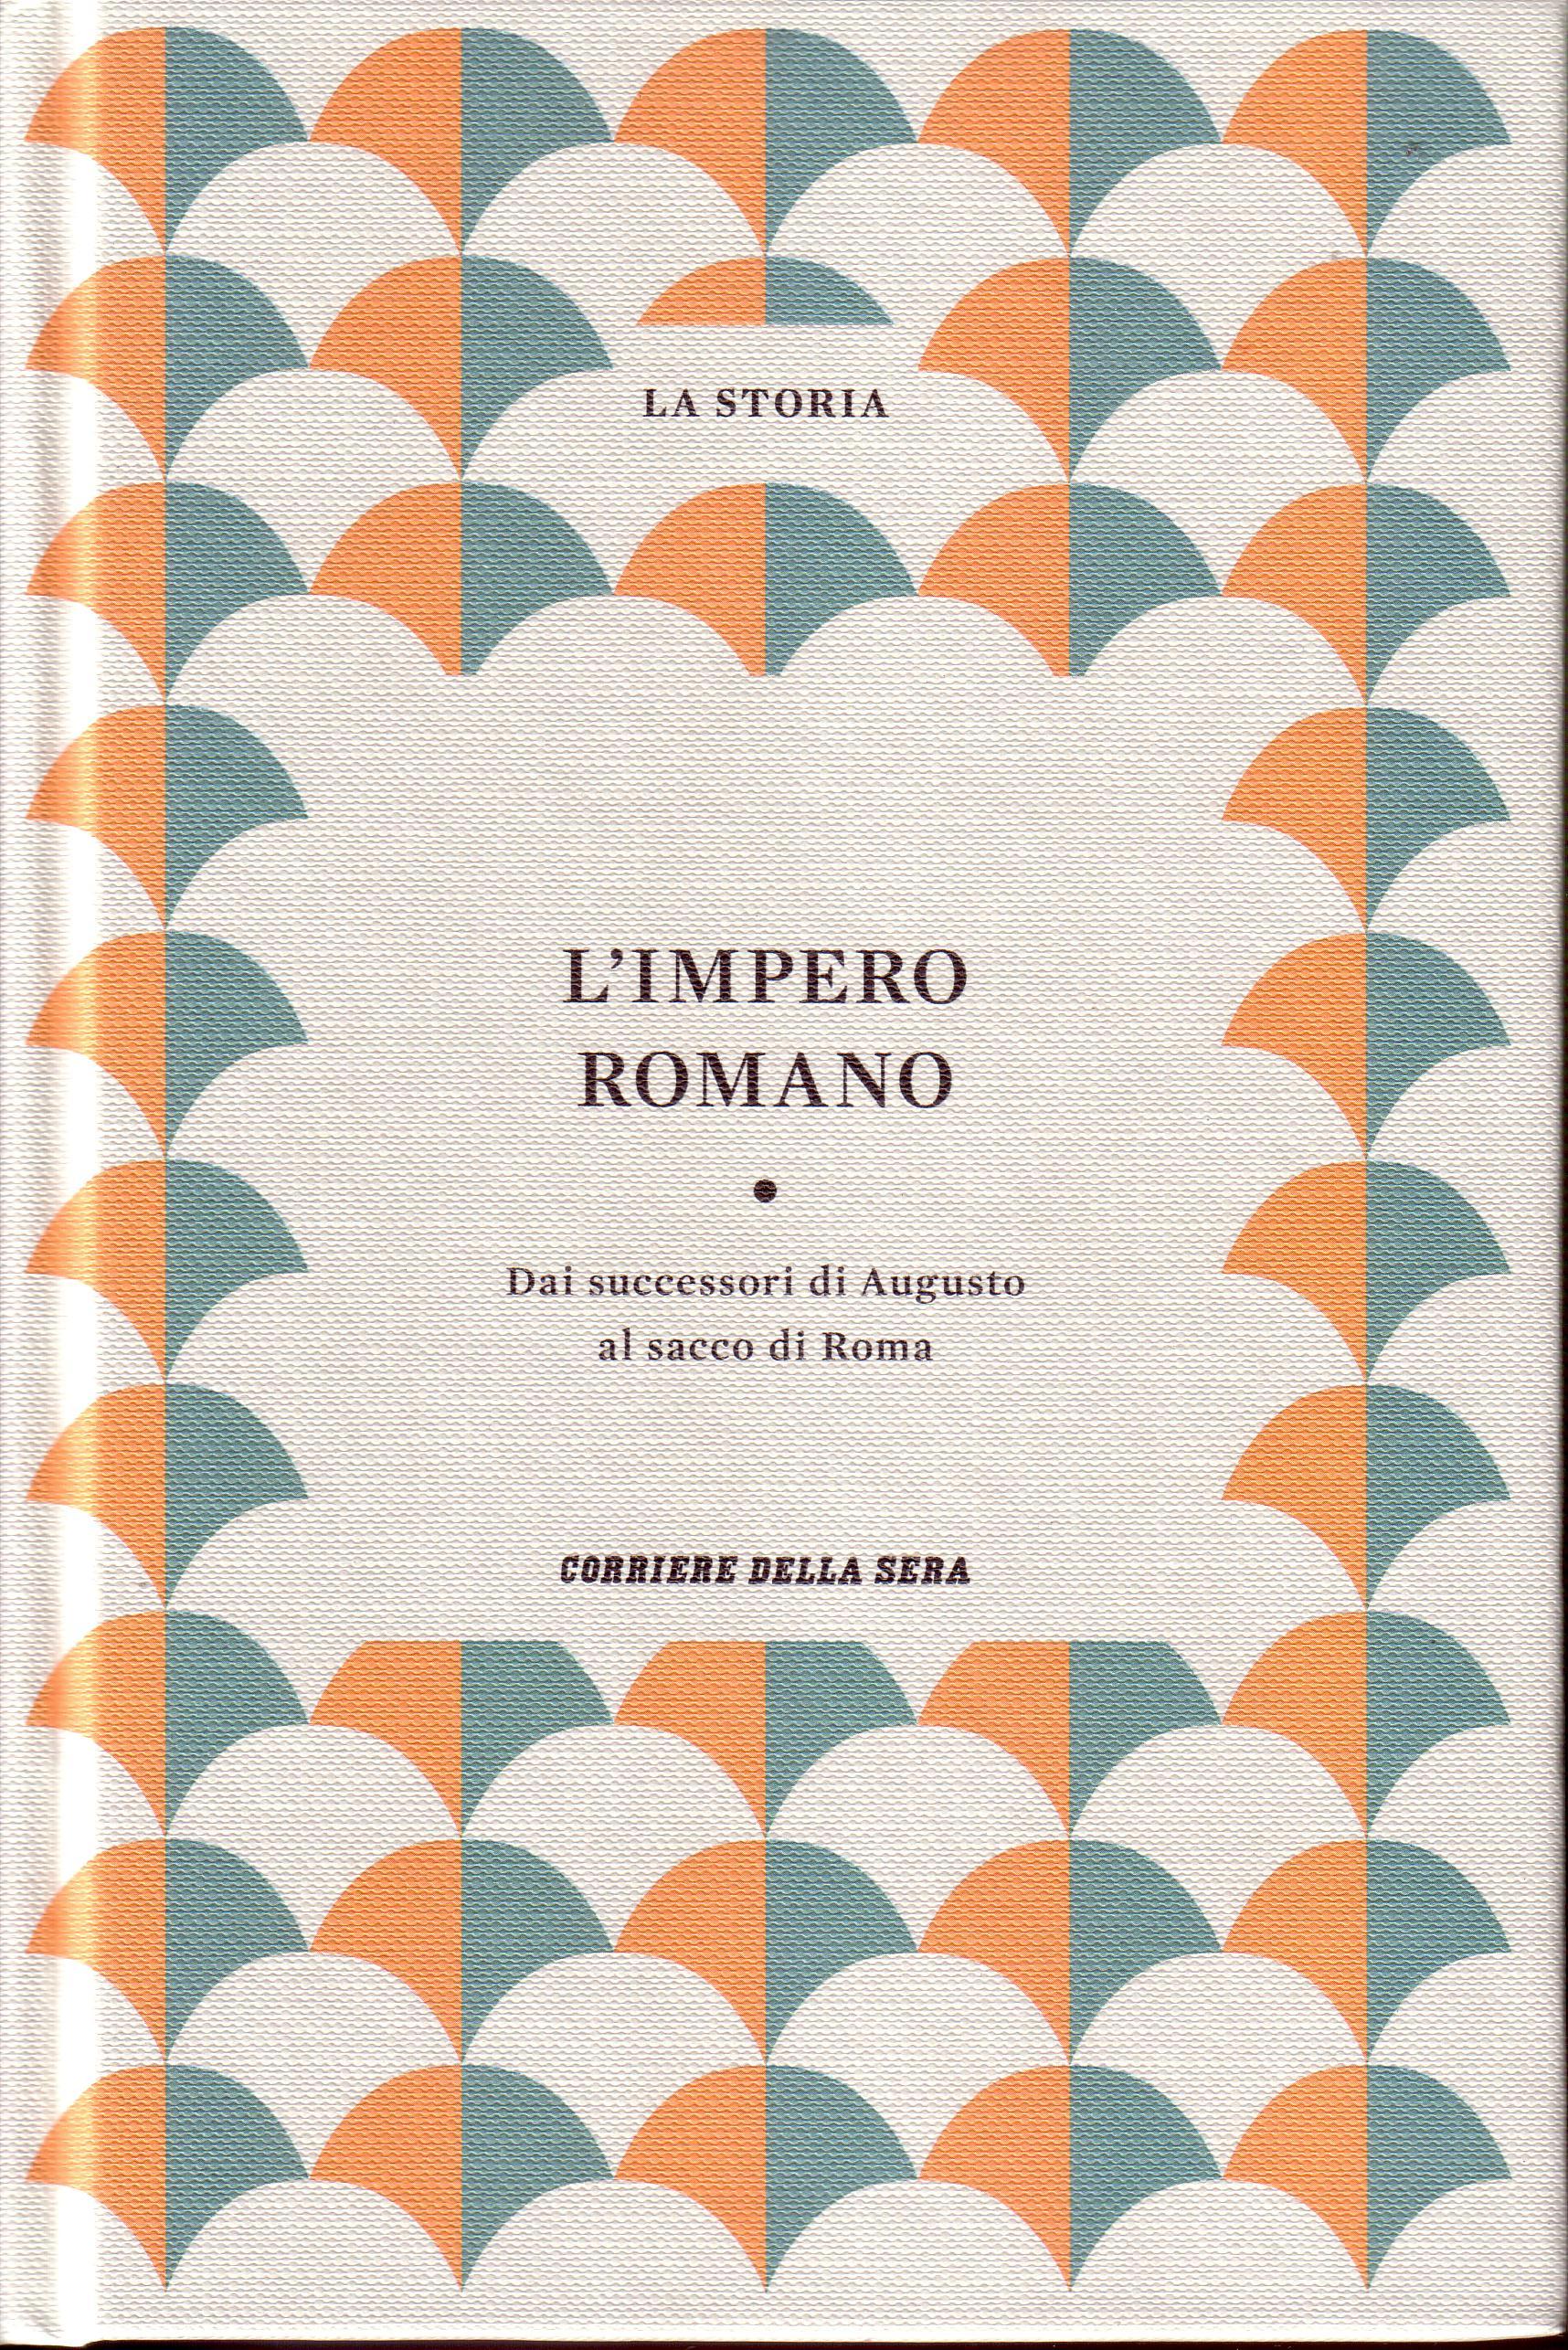 L'impero romano: dai successori di Augusto al sacco di Roma